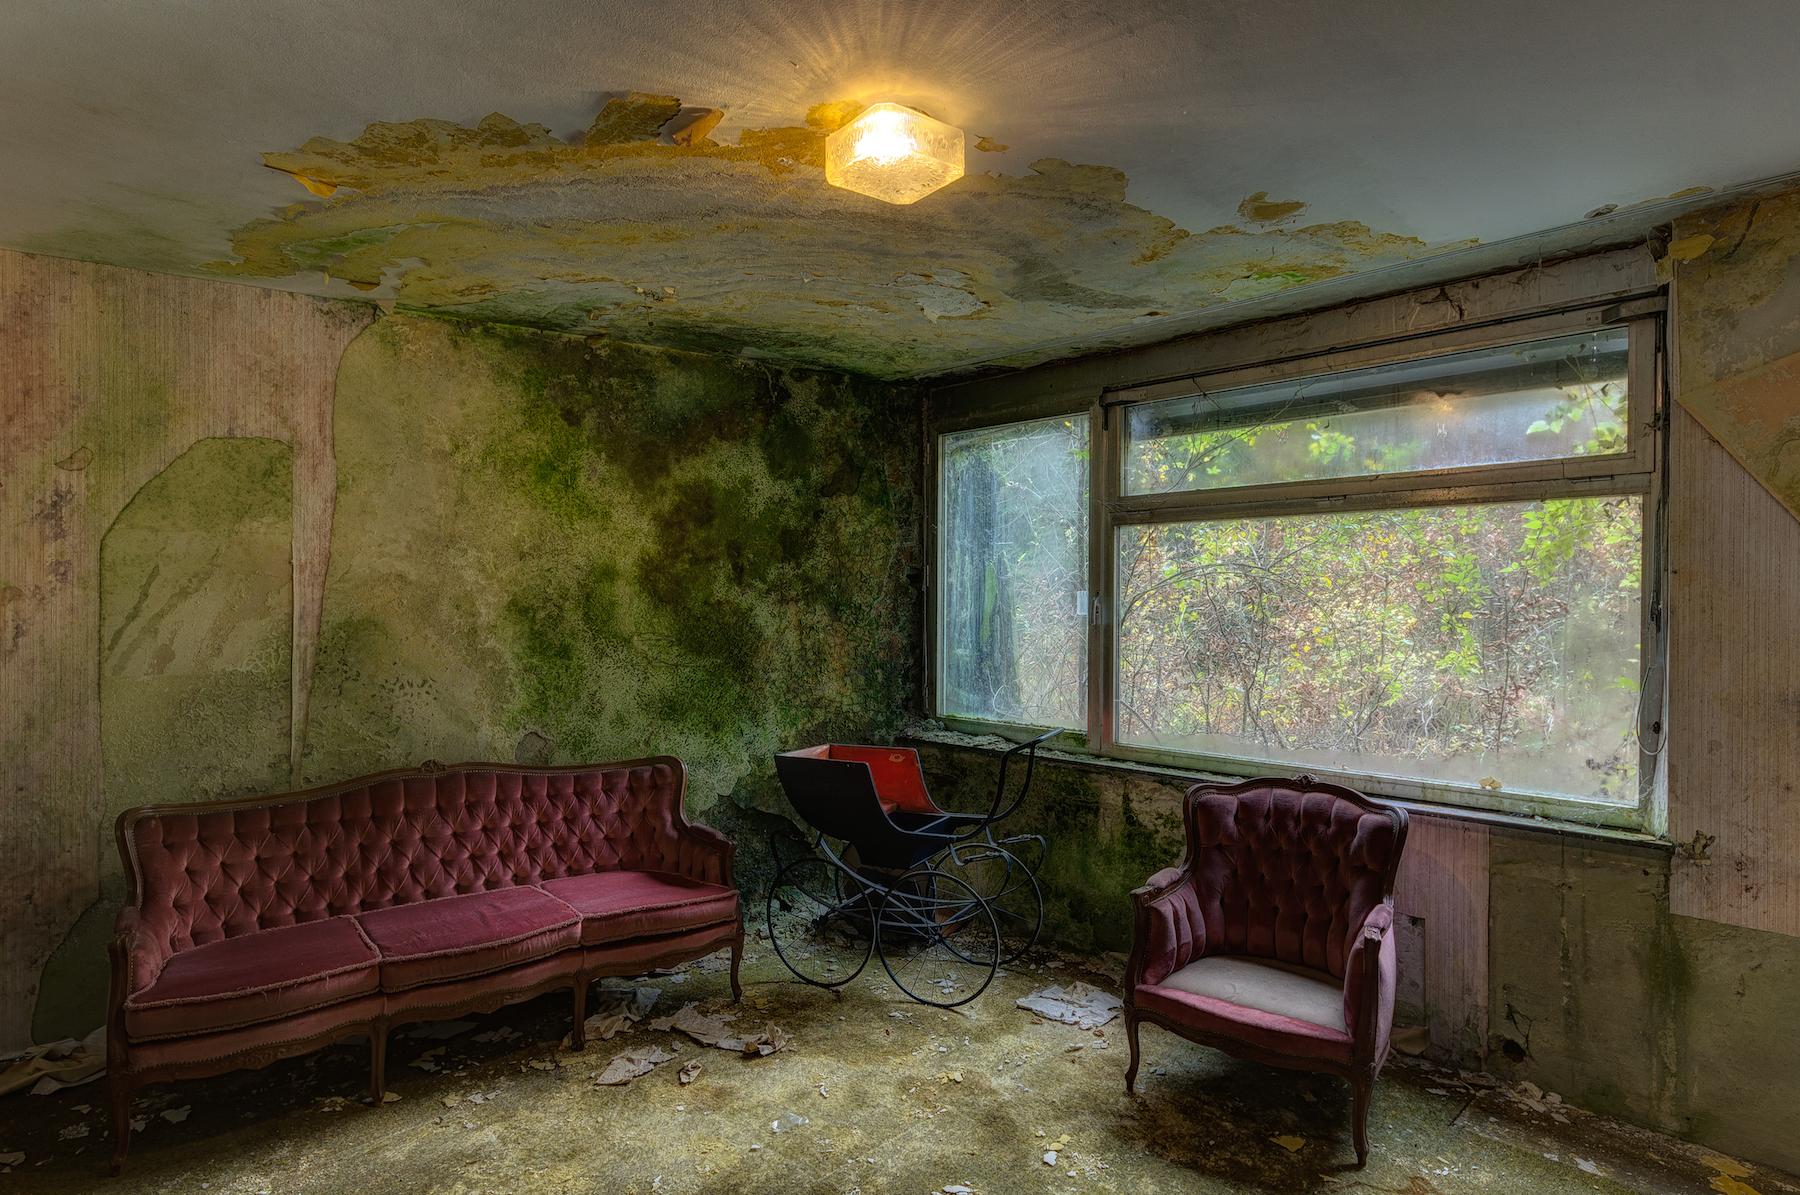 Lugares abandonados por Stefan Baumann